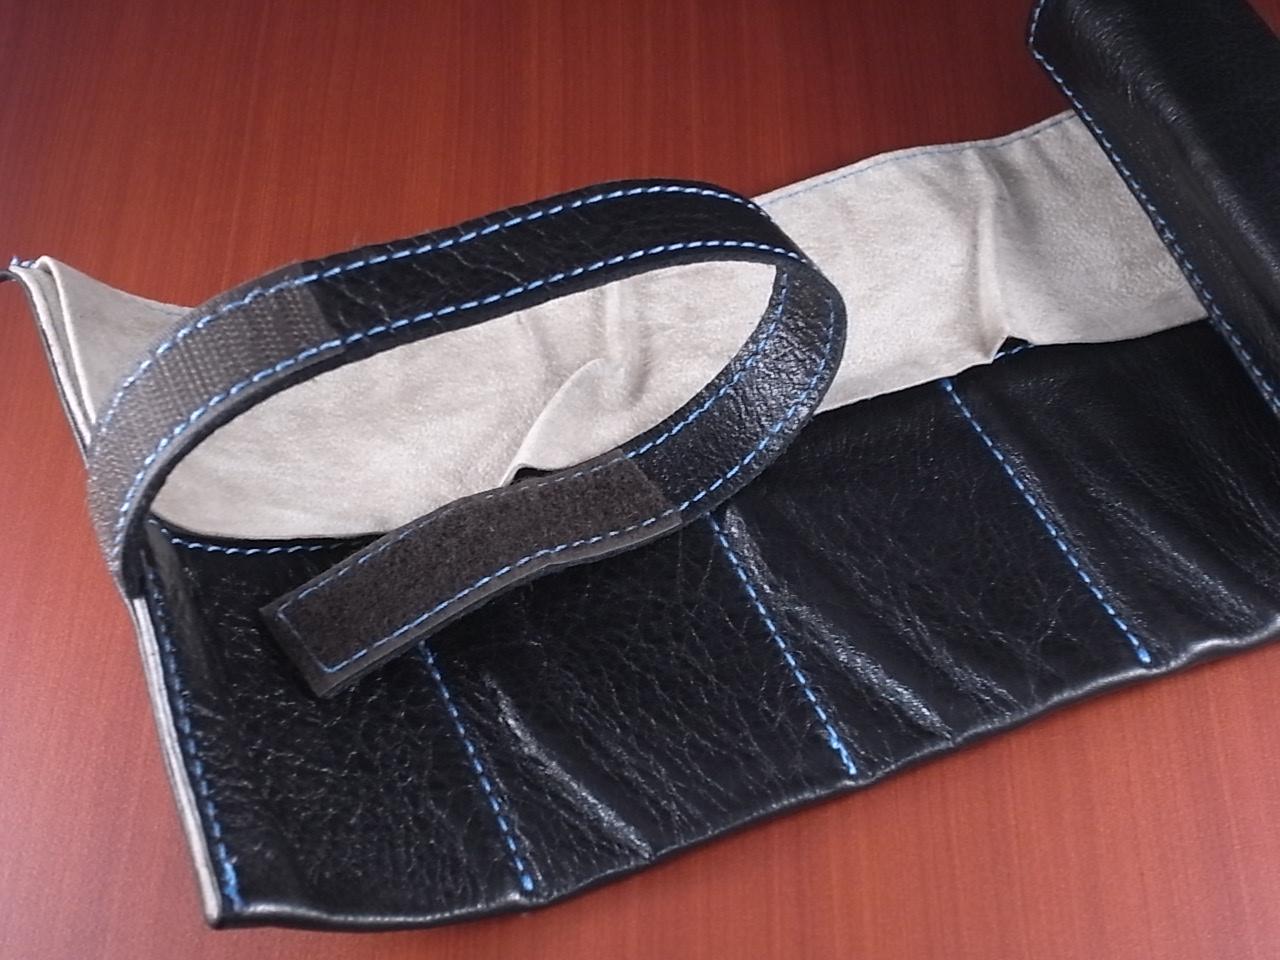 本革時計ケース 携帯タイプ 6本用 イタリア製 黒 青ステッチの写真2枚目